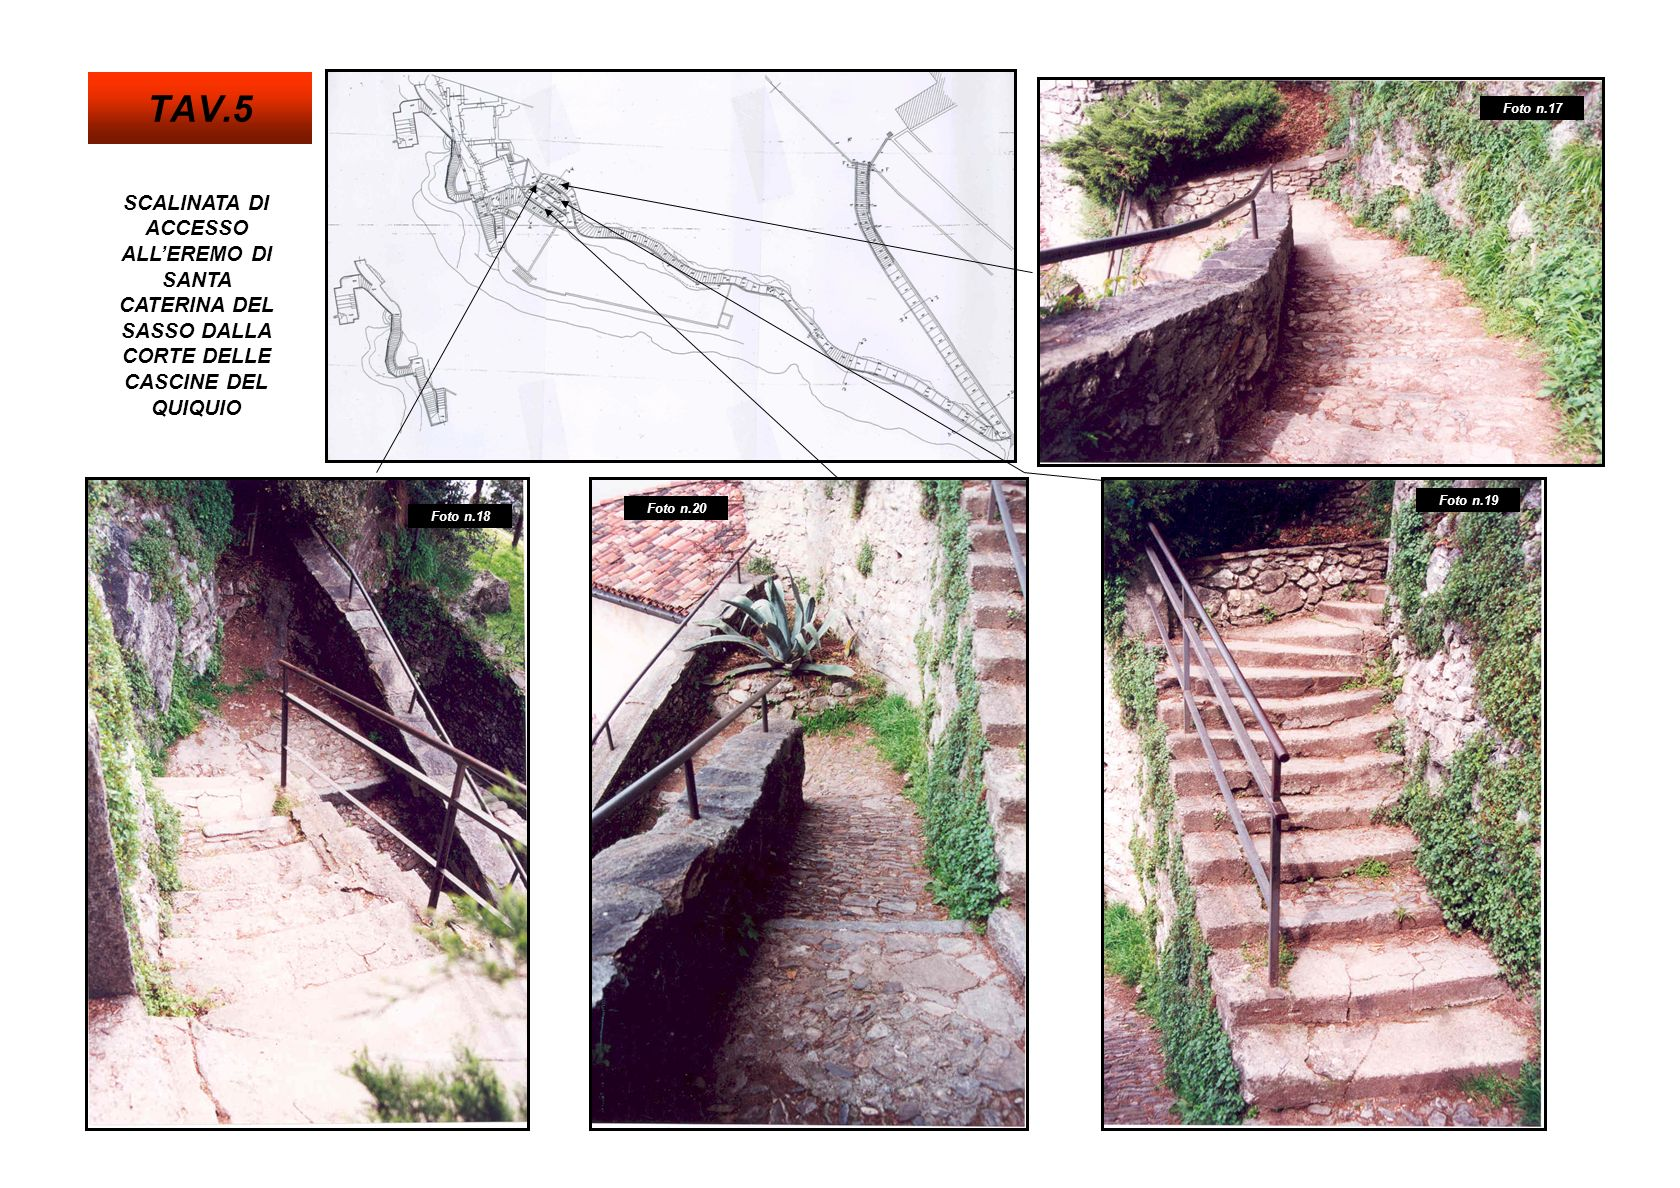 TAV.5 Foto n.17. SCALINATA DI ACCESSO ALL'EREMO DI SANTA CATERINA DEL SASSO DALLA CORTE DELLE CASCINE DEL QUIQUIO.